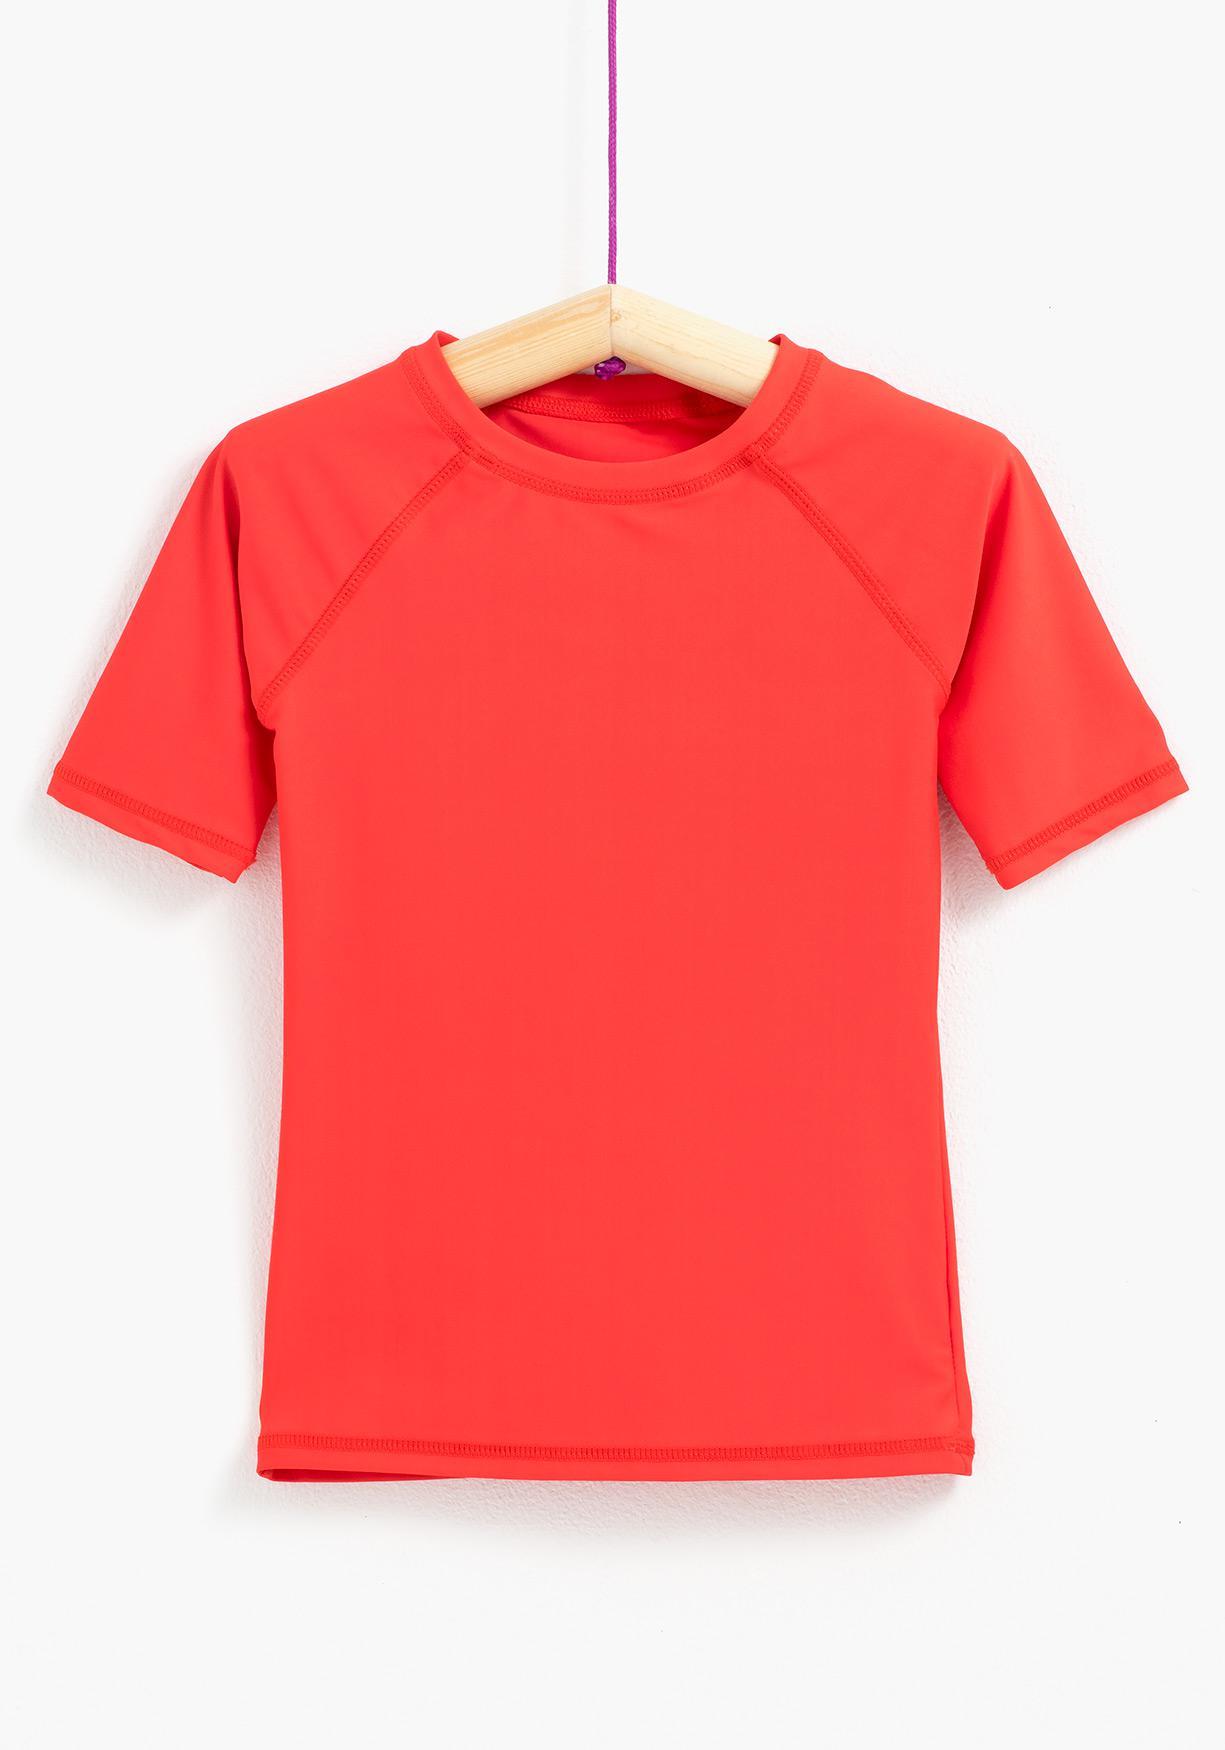 899156b00a Comprar Camiseta protección rayos UVA TEX. ¡Aprovéchate de nuestros ...